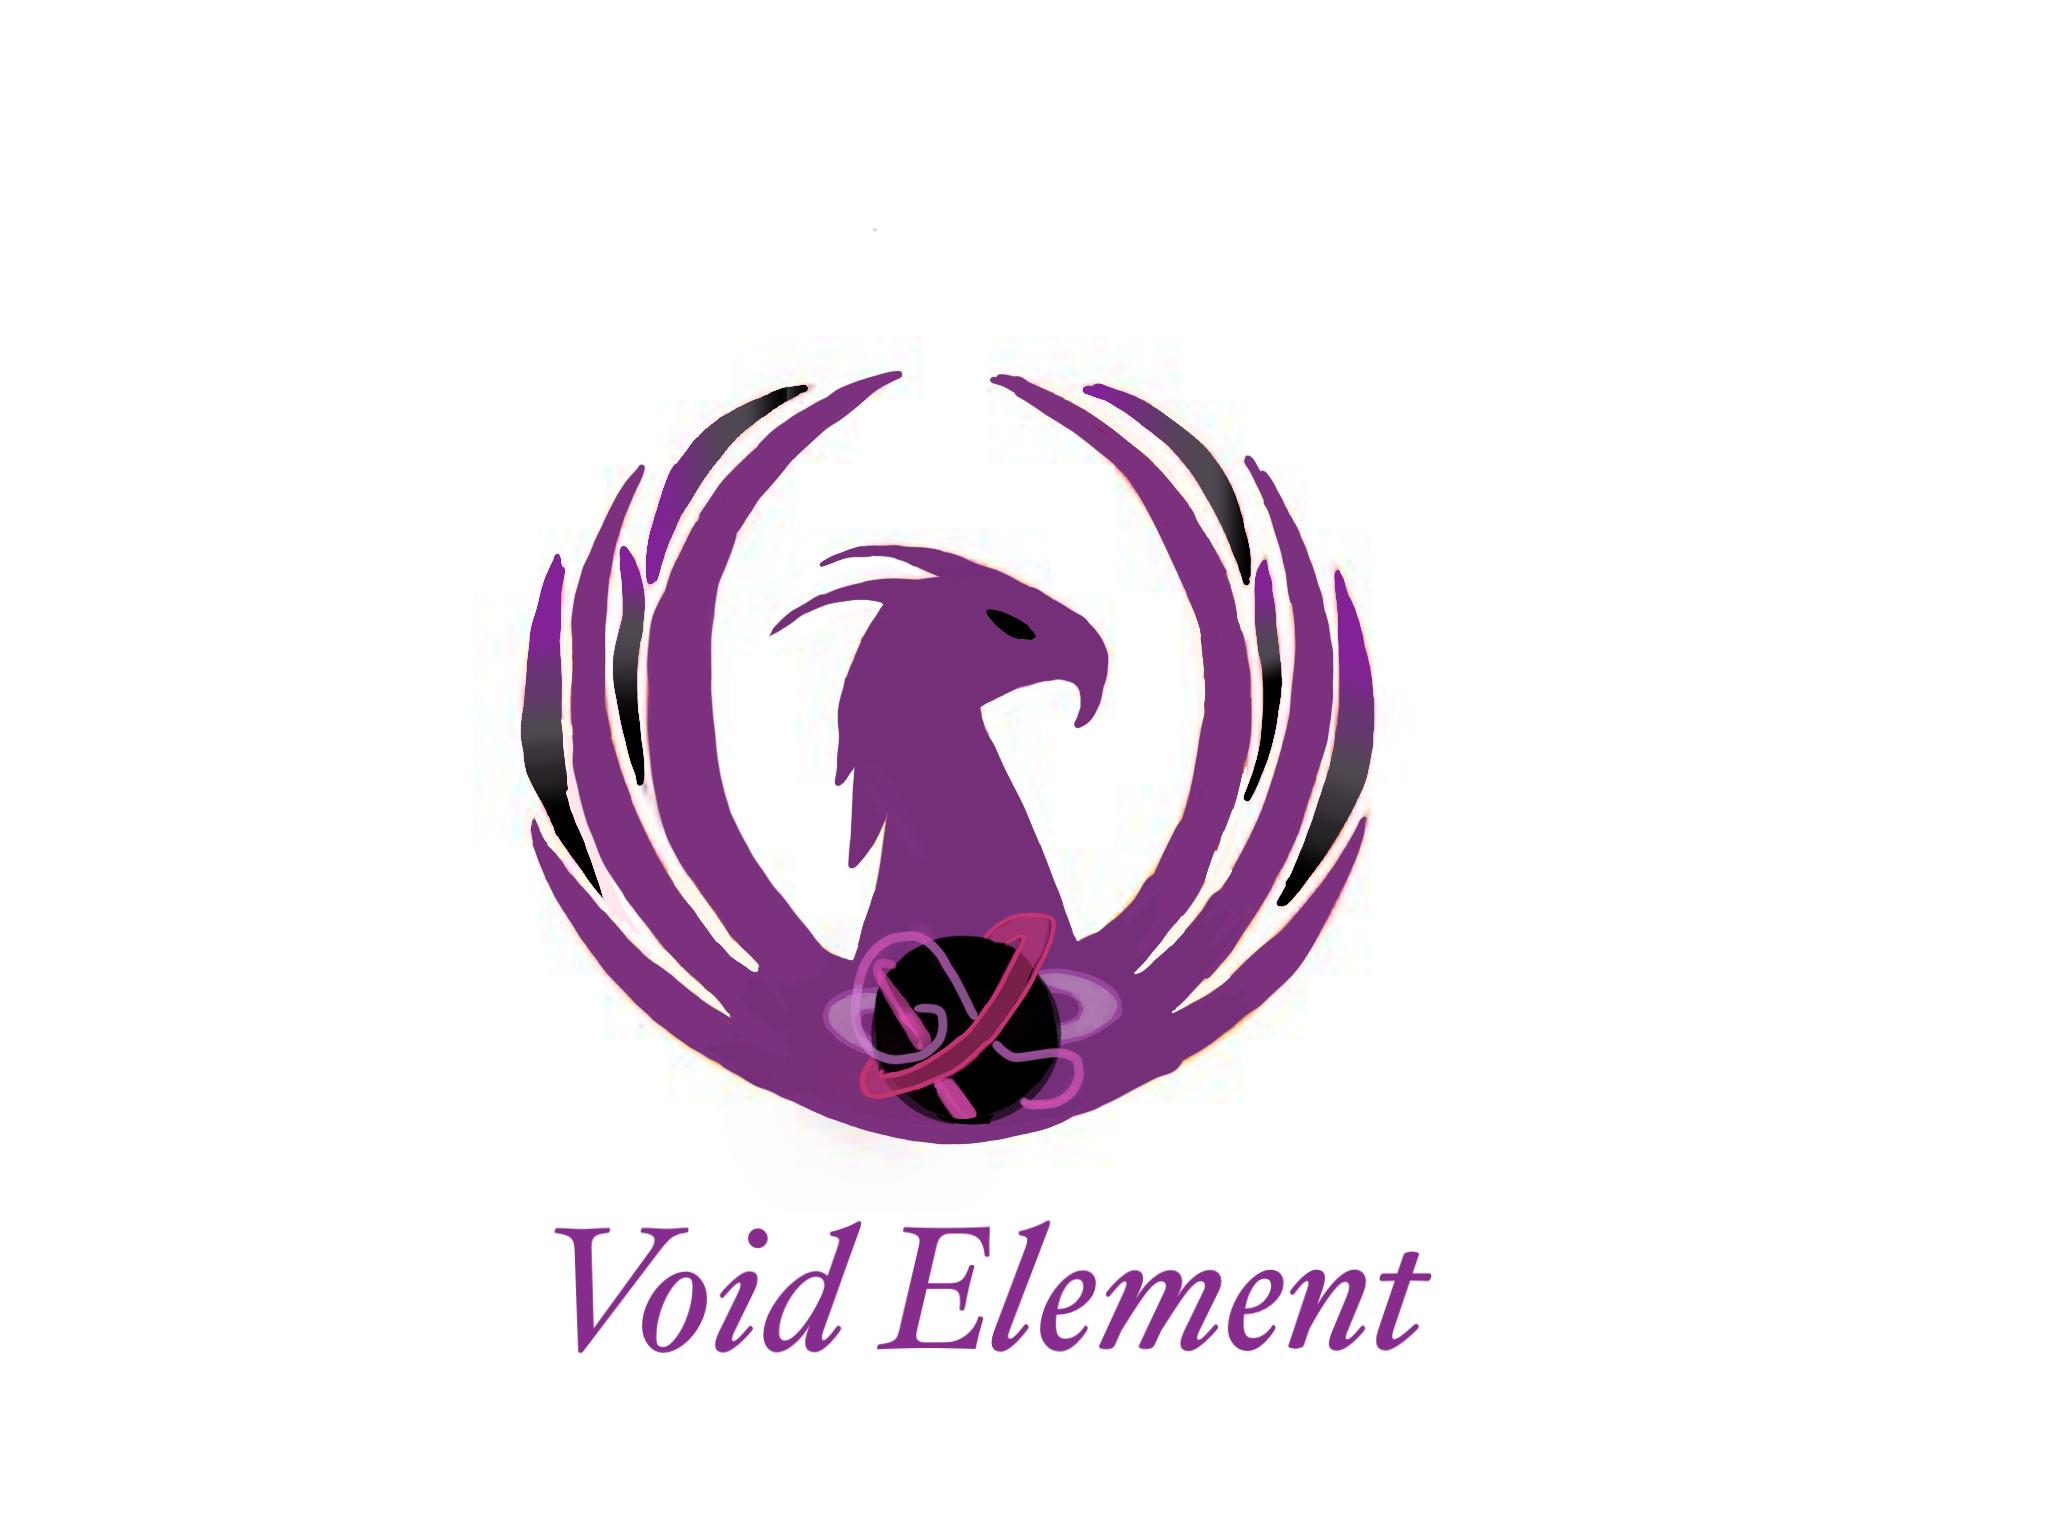 Void Element Logo